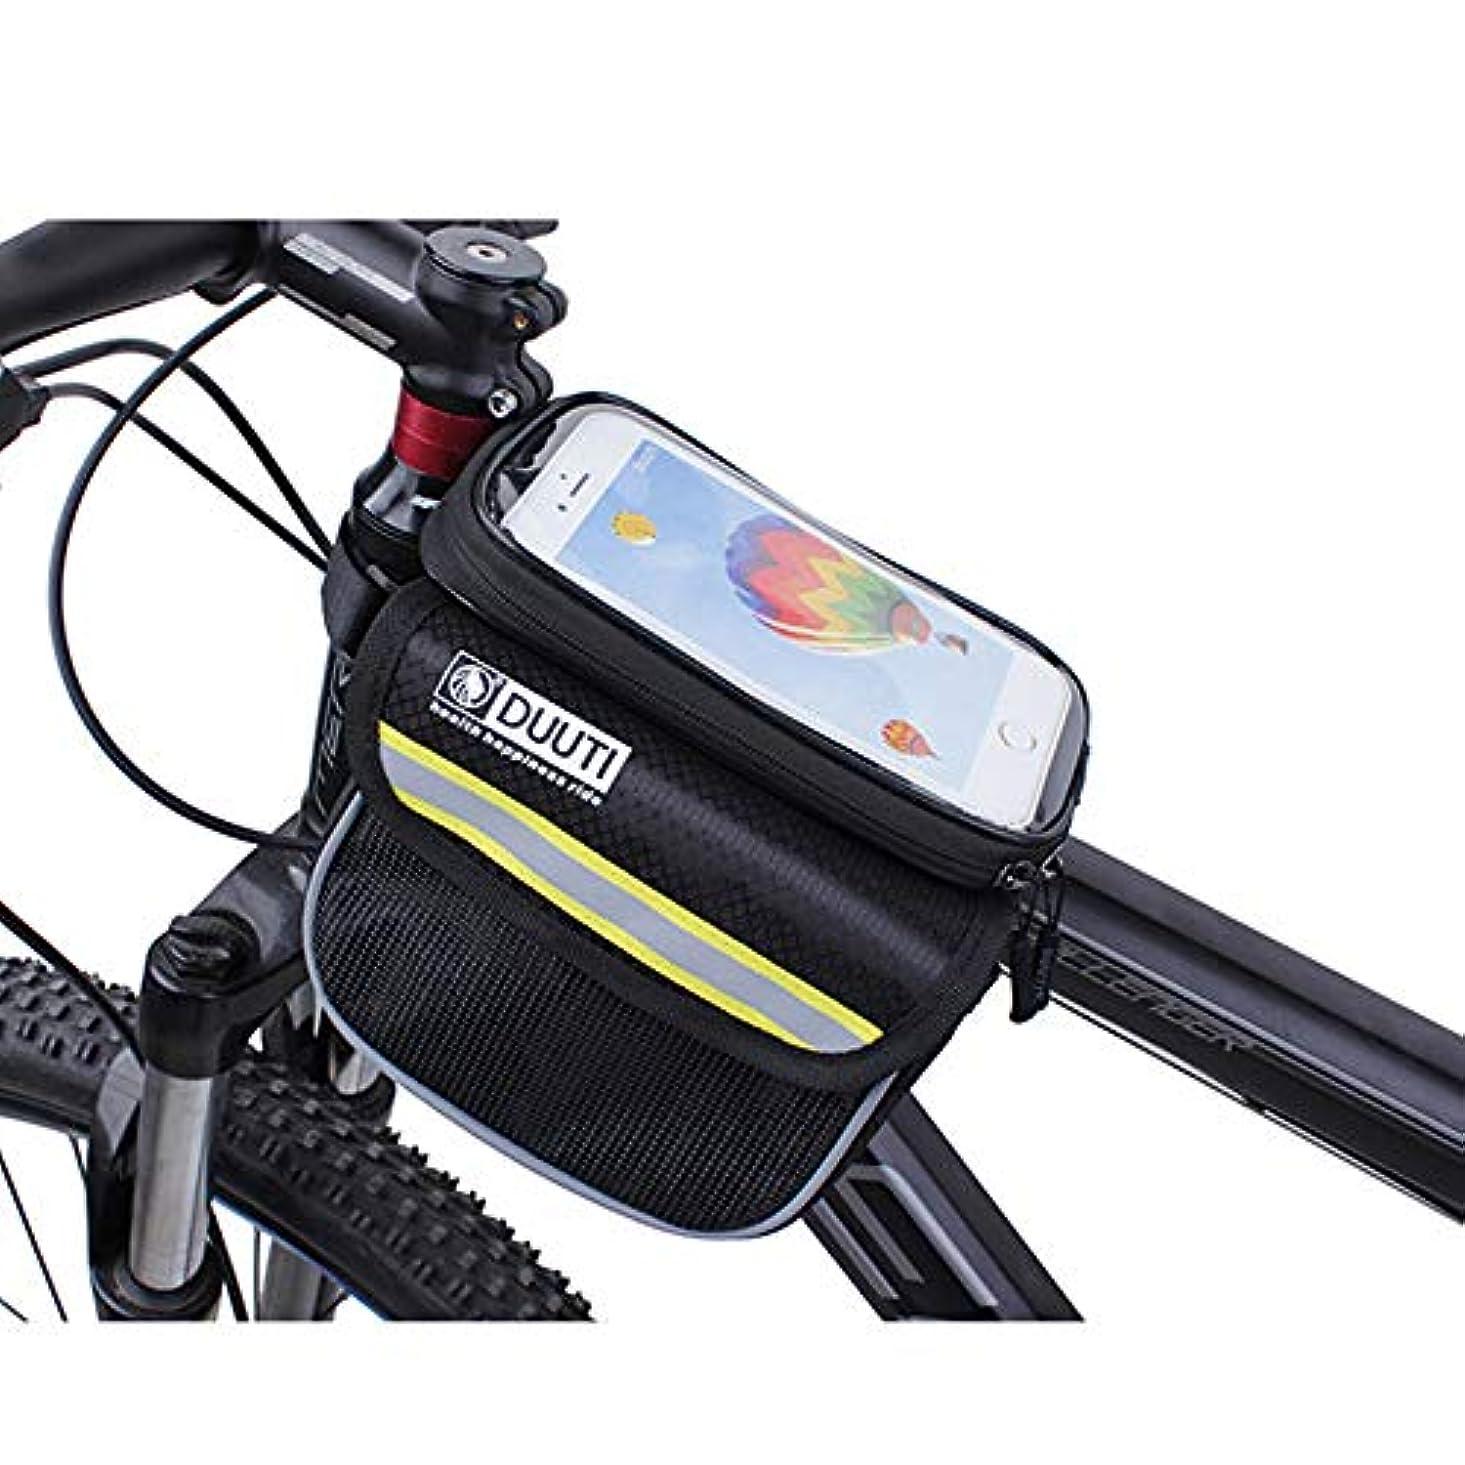 回想談話好きであるマウンテンバイクバッグ防水電話ホルダータッチスクリーン携帯電話バッグ自転車バッグフロントビームバッグチュ